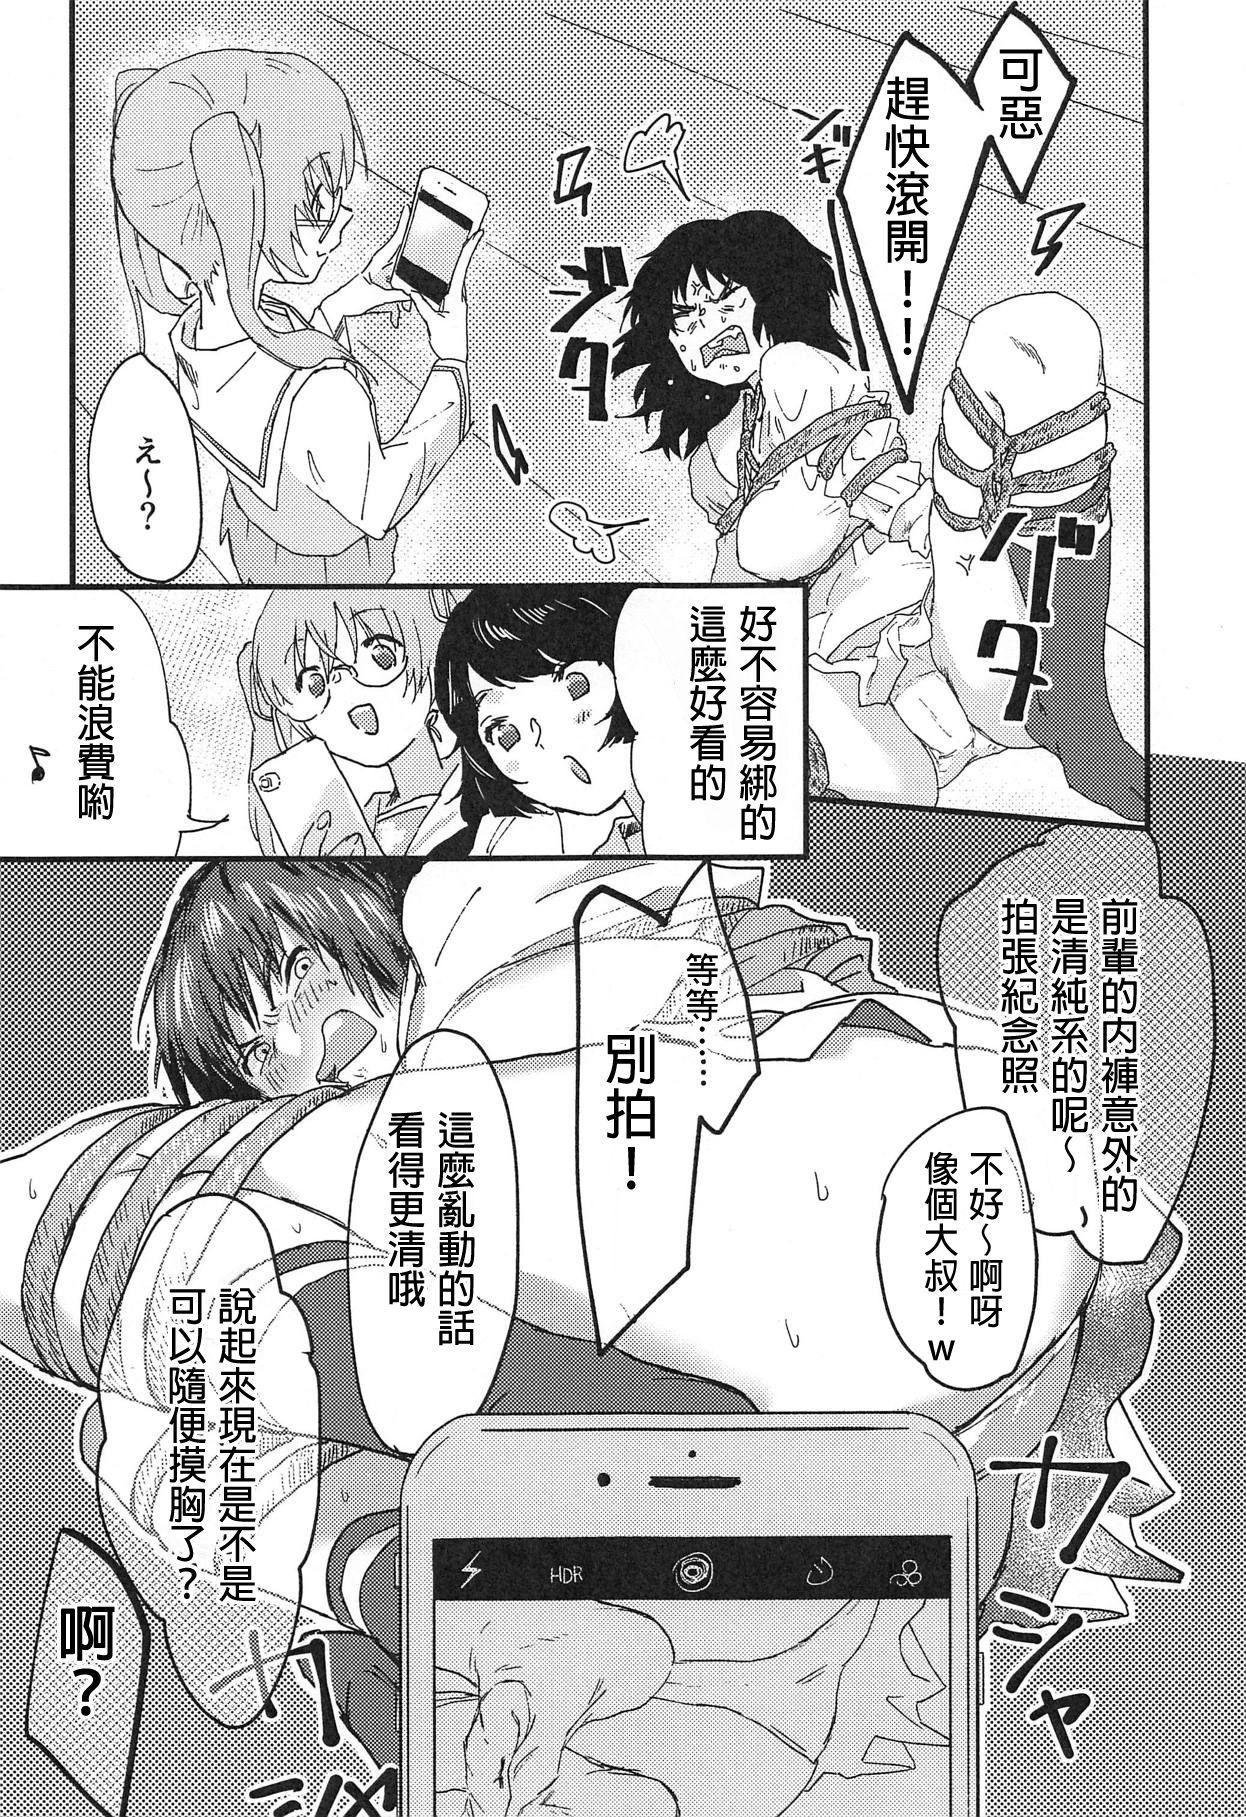 Murakami-san ga Ii You ni Sareru Hon 8